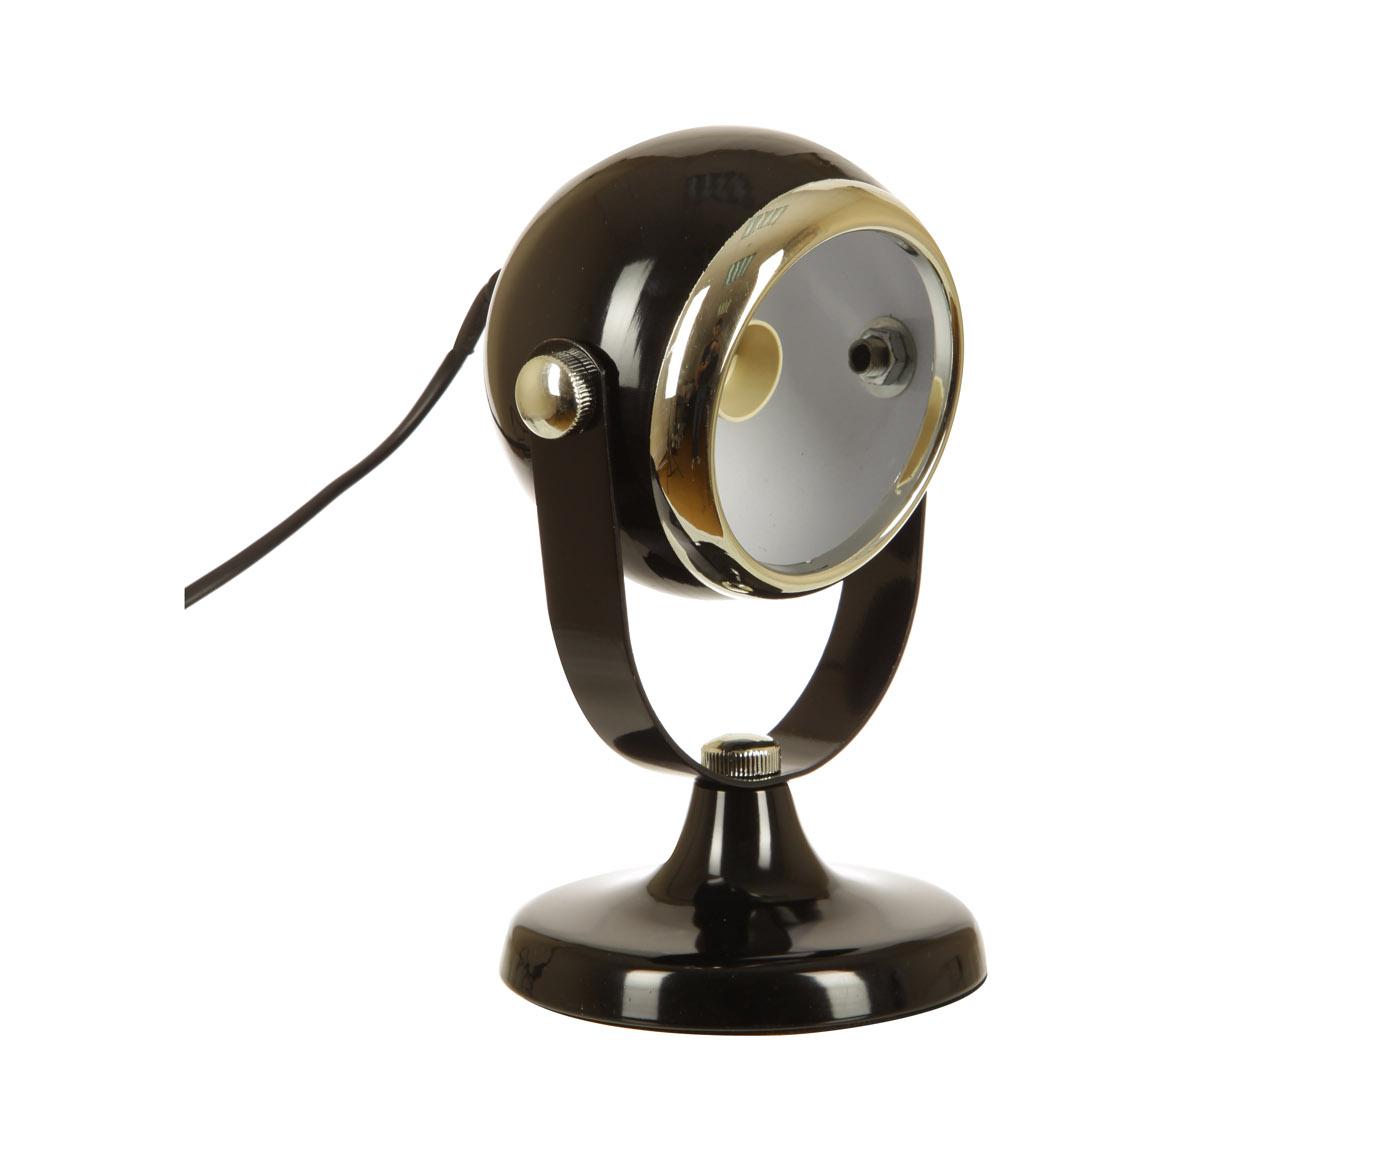 ЛампаНастольные лампы<br>&amp;lt;div&amp;gt;Вид цоколя: E14&amp;lt;/div&amp;gt;&amp;lt;div&amp;gt;Мощность: 40W&amp;lt;/div&amp;gt;&amp;lt;div&amp;gt;Количество ламп: 1&amp;lt;/div&amp;gt;<br><br>Material: Пластик<br>Length см: None<br>Width см: None<br>Height см: 17<br>Diameter см: 15